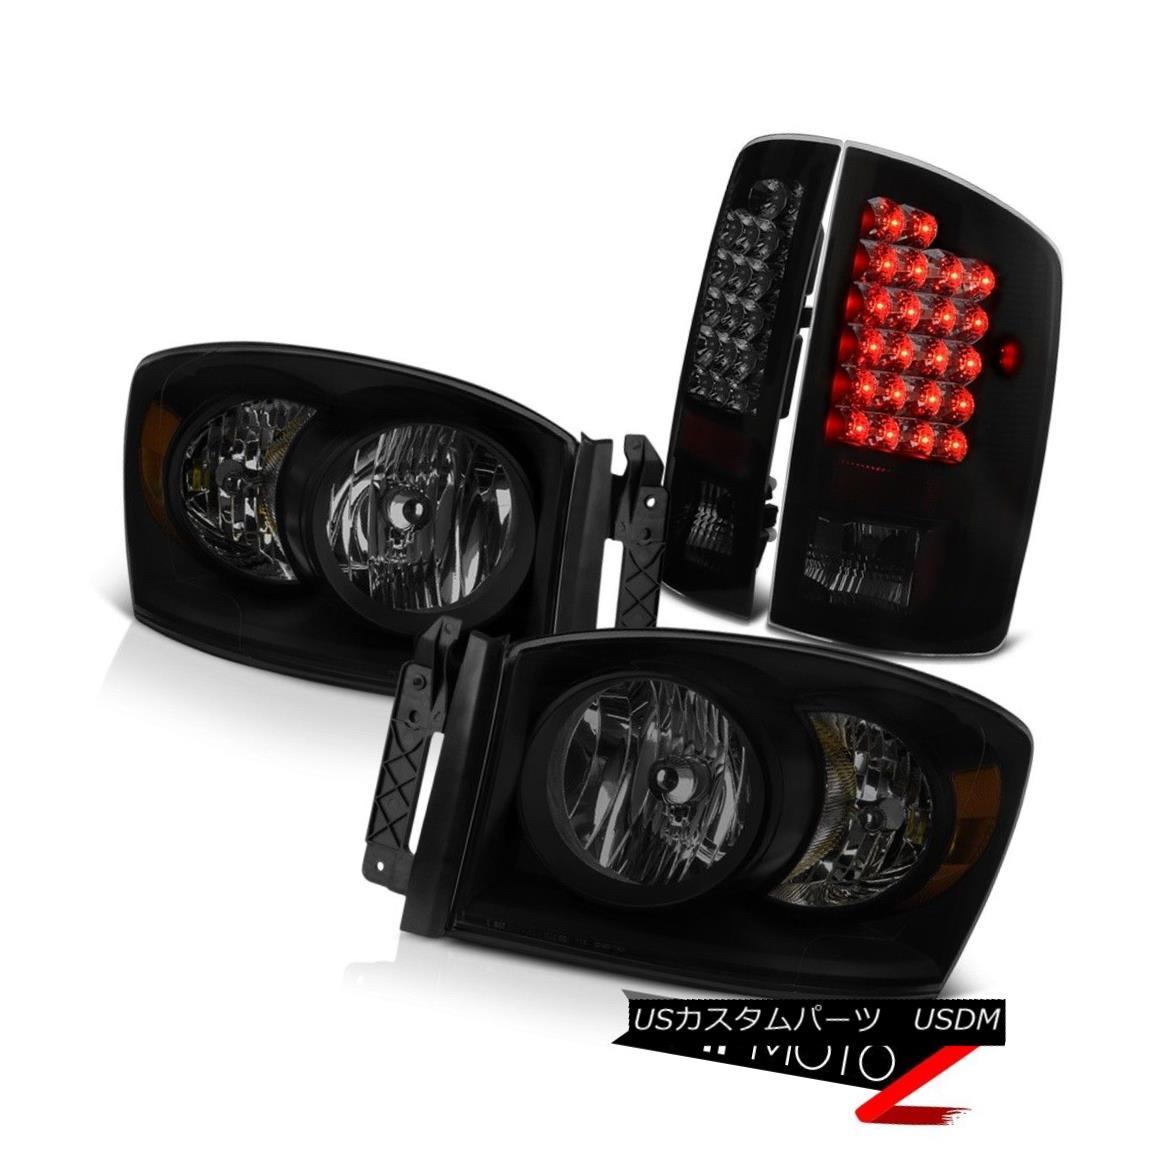 ヘッドライト 07-09 Dodge Ram 2500 3500 4.7L Darkest Smoke Headlamps Parking Brake Lights SMD 07-09ダッジラム2500 3500 4.7L暗い煙ヘッドランプパーキングブレーキライトSMD